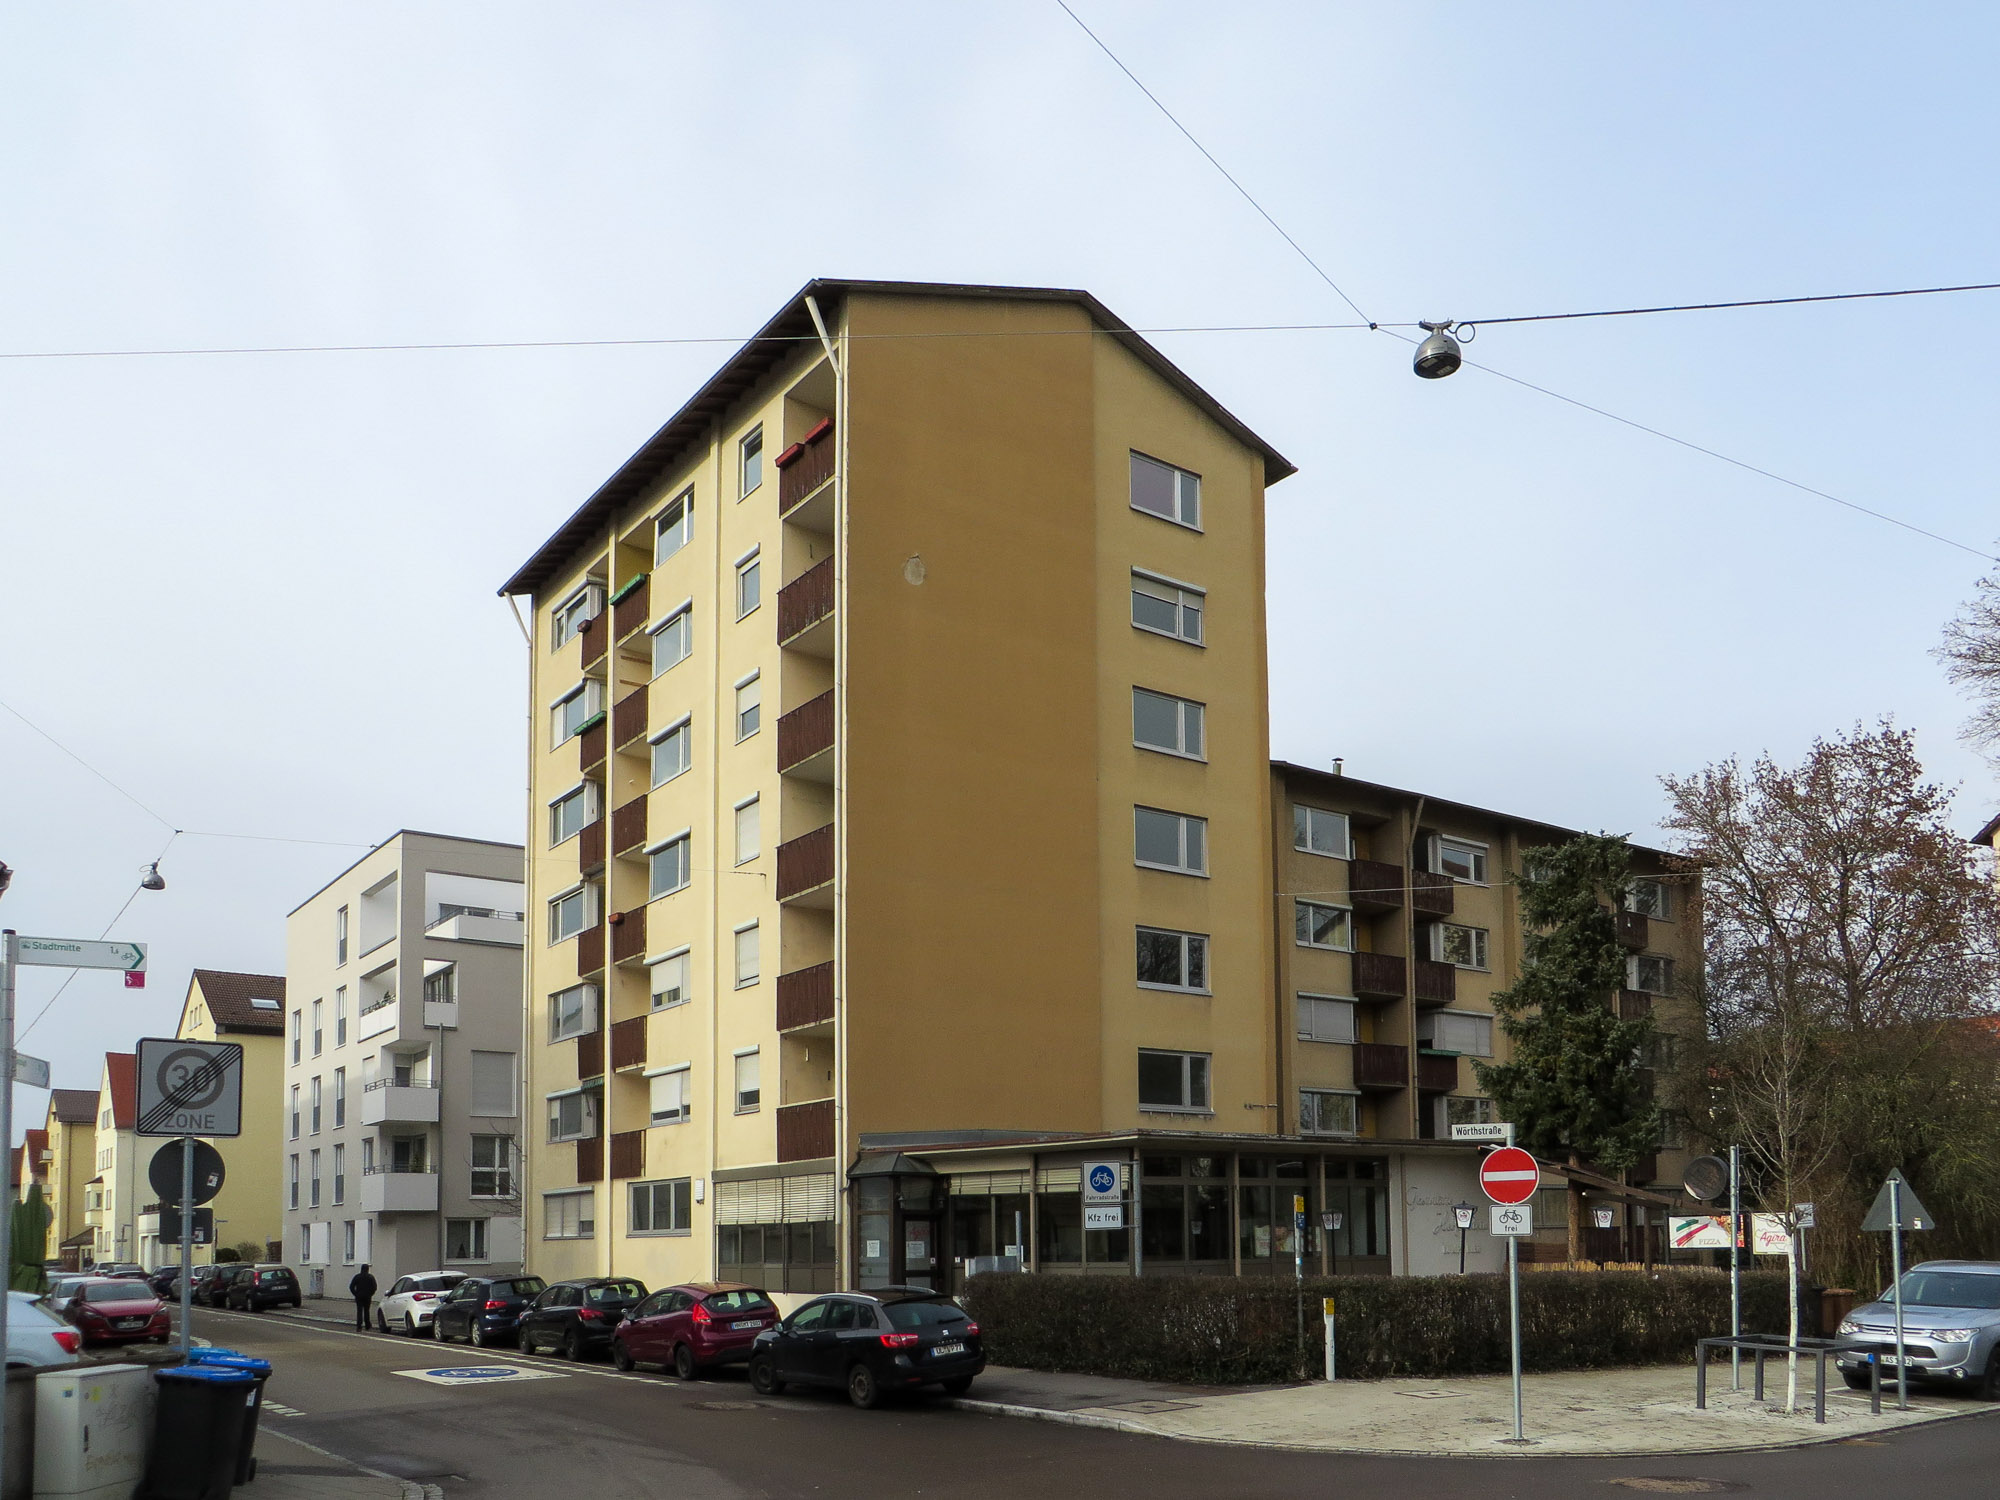 Braun-beige gestrichenes Wohngebäude mit Balkonen